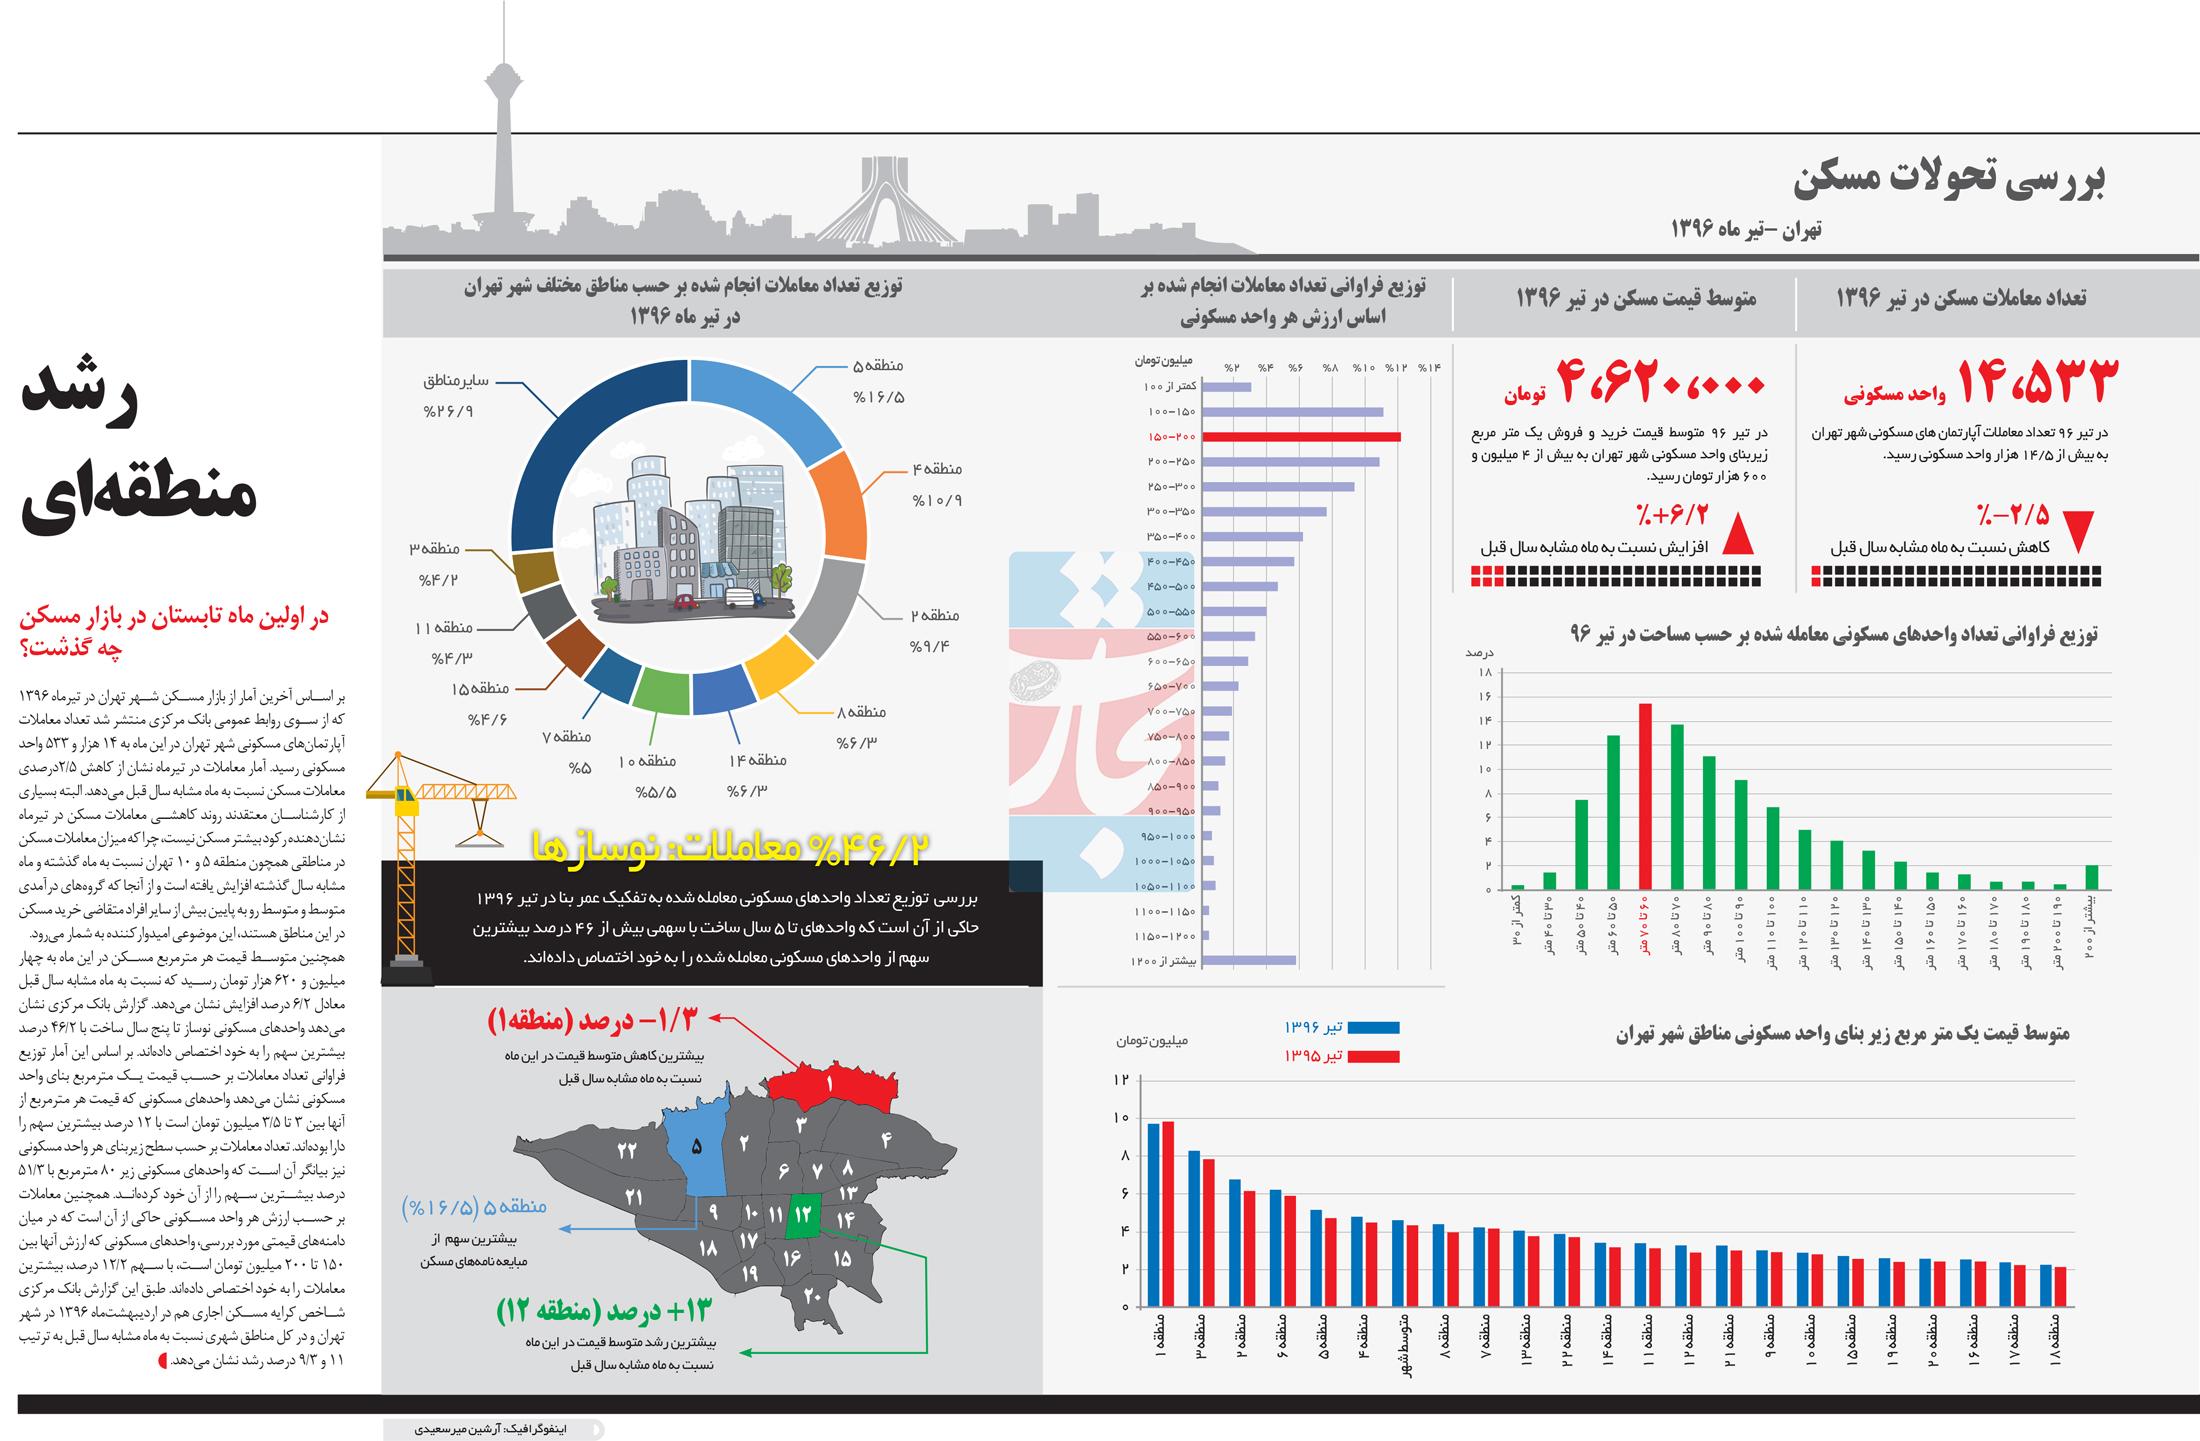 تجارت- فردا- رشد منطقه ای(اینفوگرافیک)